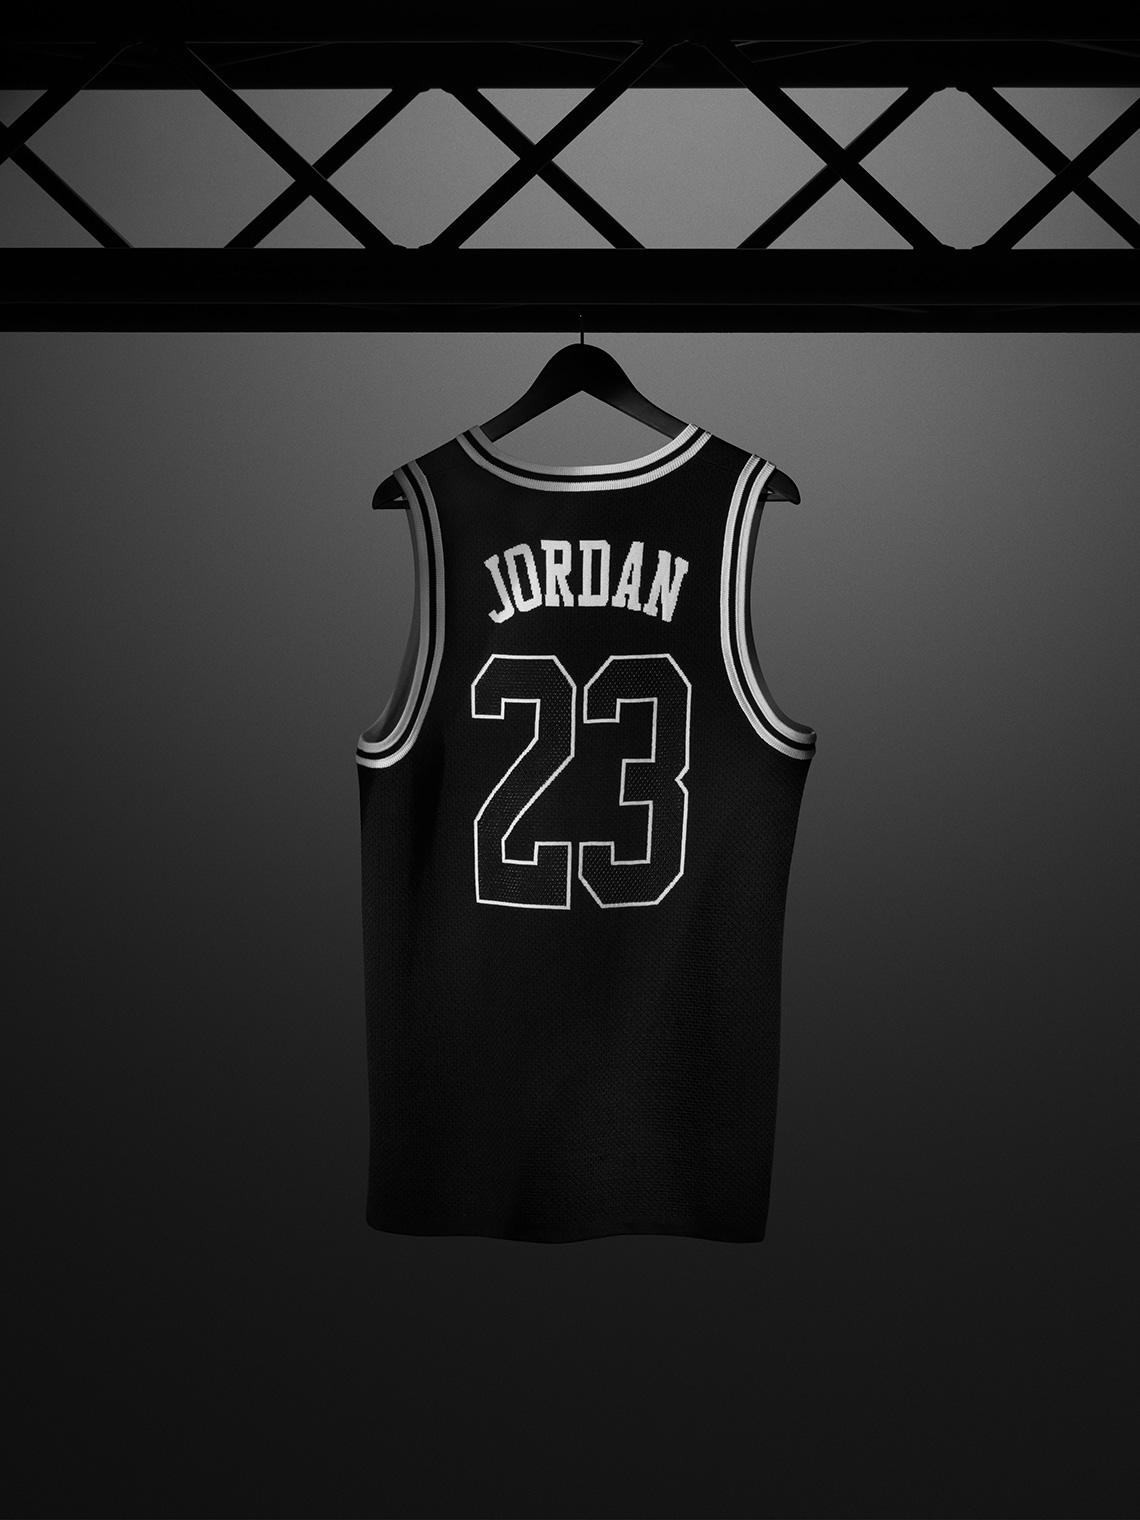 6a0d2d023c0ed1 Jordan 5 PSG Paris Saint-Germain - Where To Buy